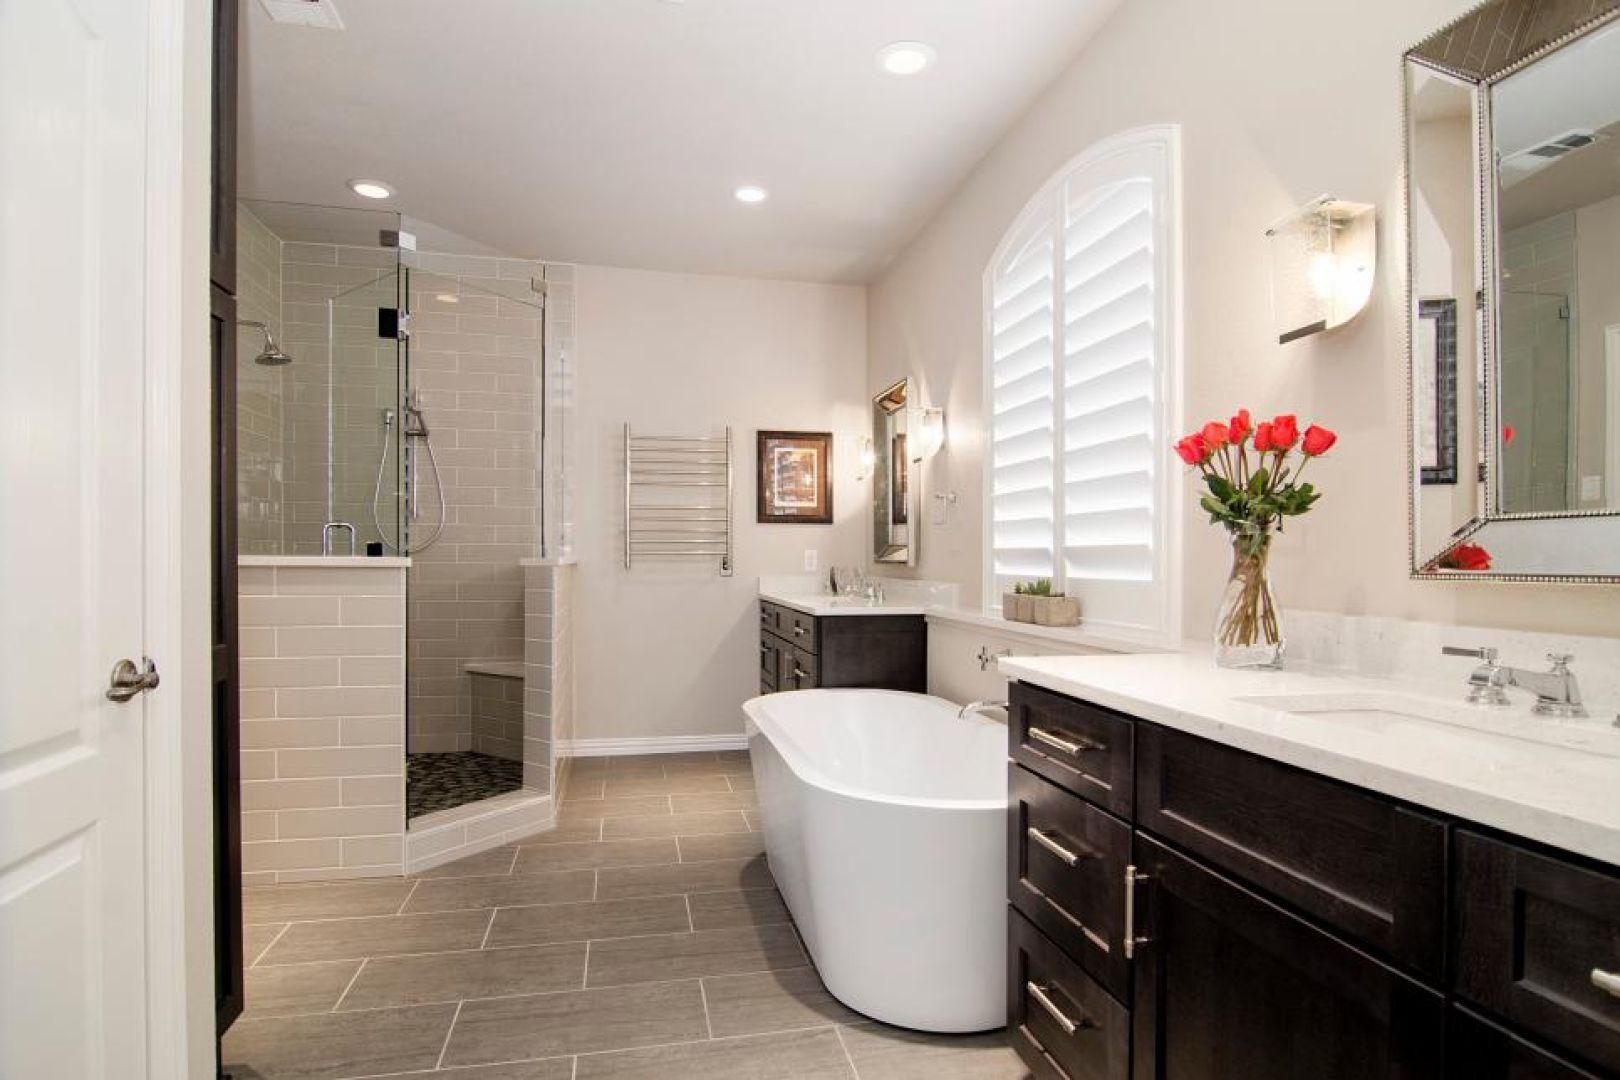 Gạch lát nền nhà đẹp - gạch granite cho nhà tắm